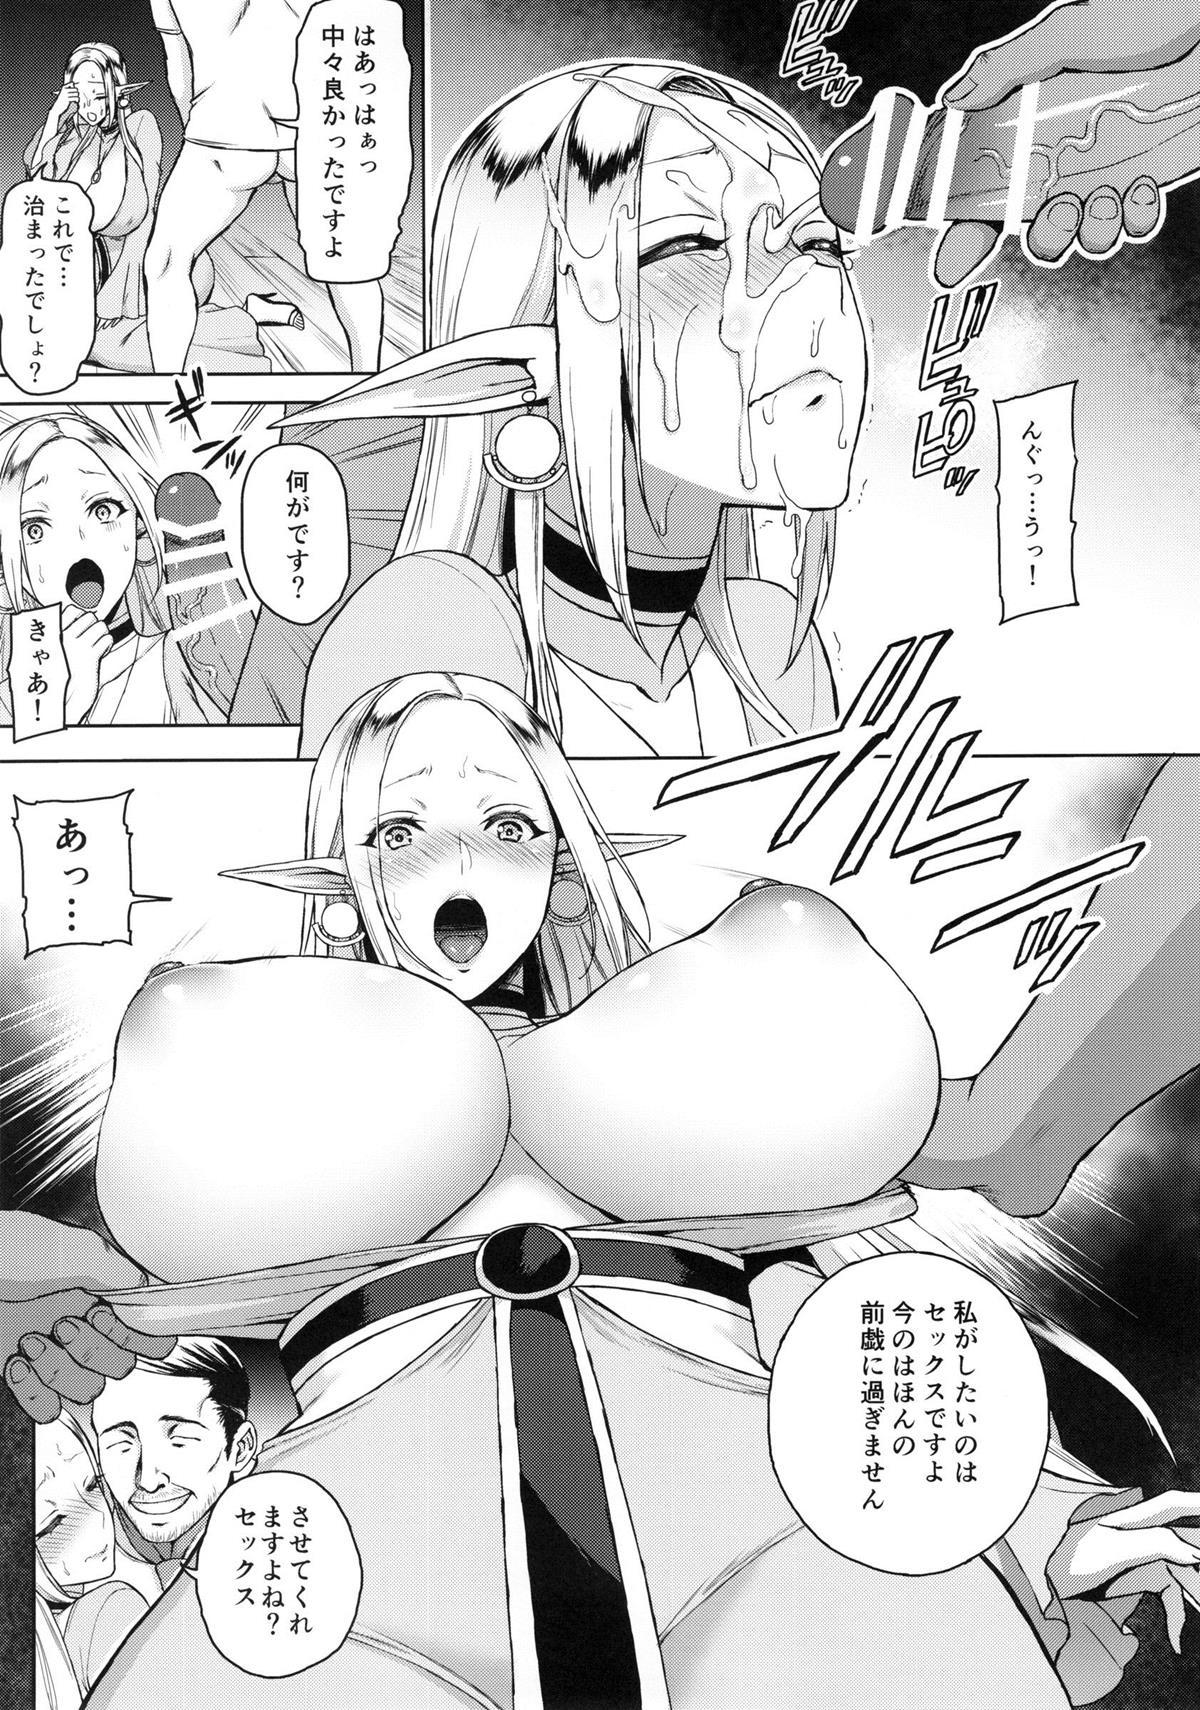 【エロ漫画】我が子を守るために、人間に体を差し出すエルフの巨乳人妻www【無料 エロ同人誌】 (12)